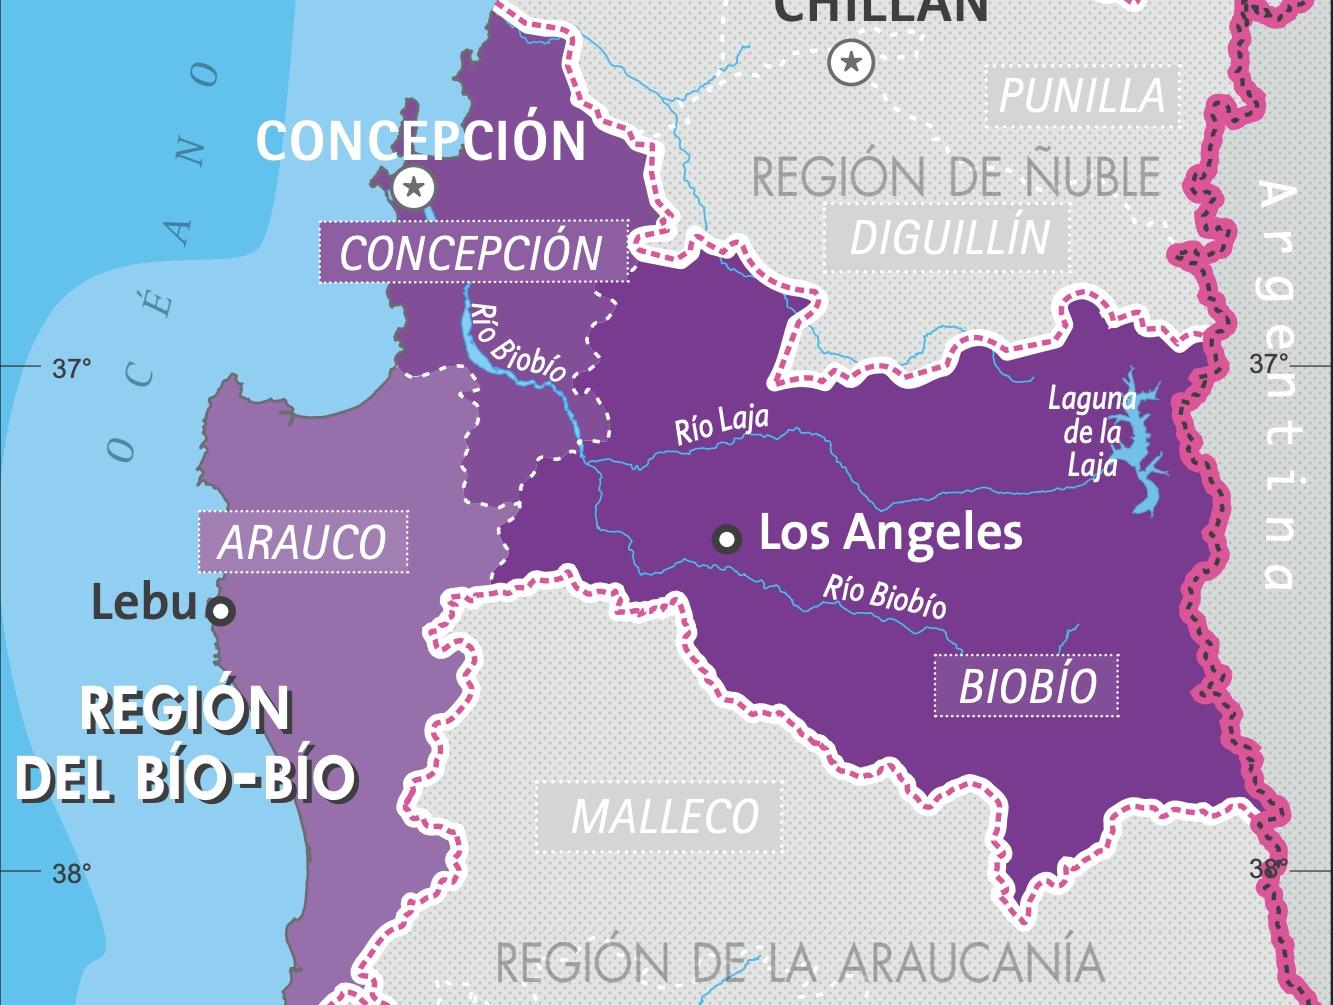 Martes 15 de diciembre: Reporte de casos por comuna en la región del Biobío